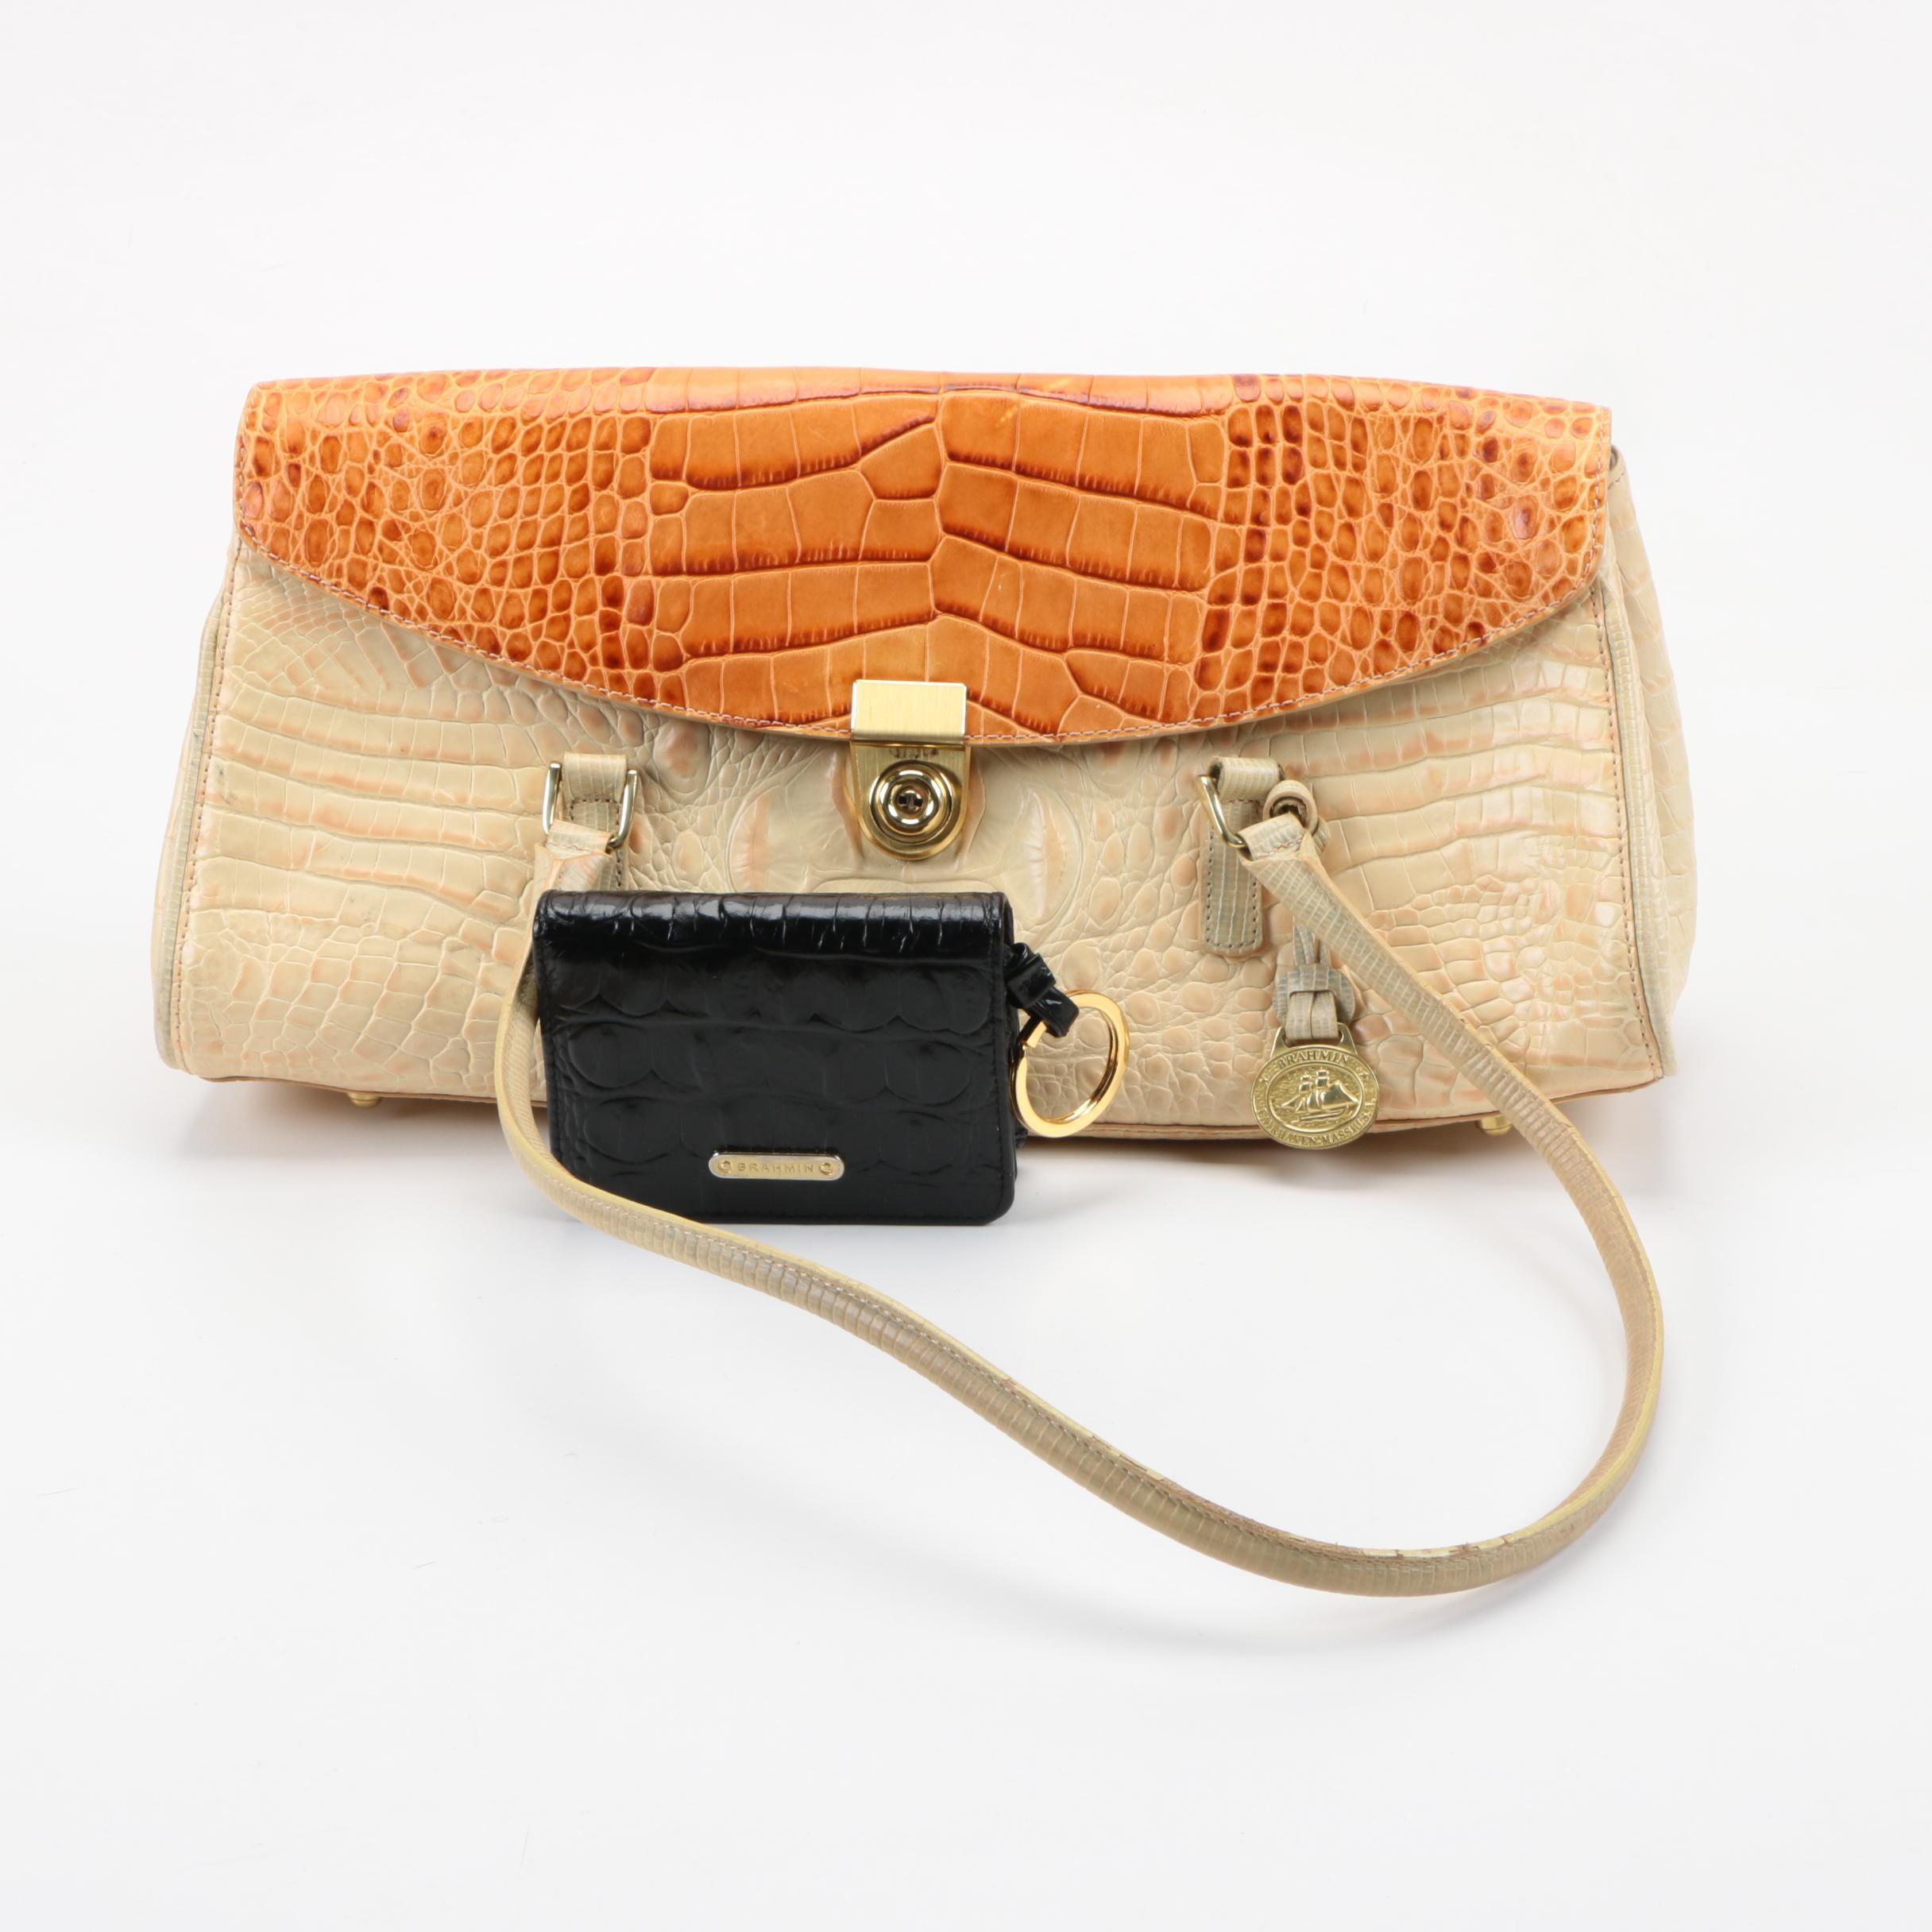 Brahmin Embossed Leather Handbag with Wallet